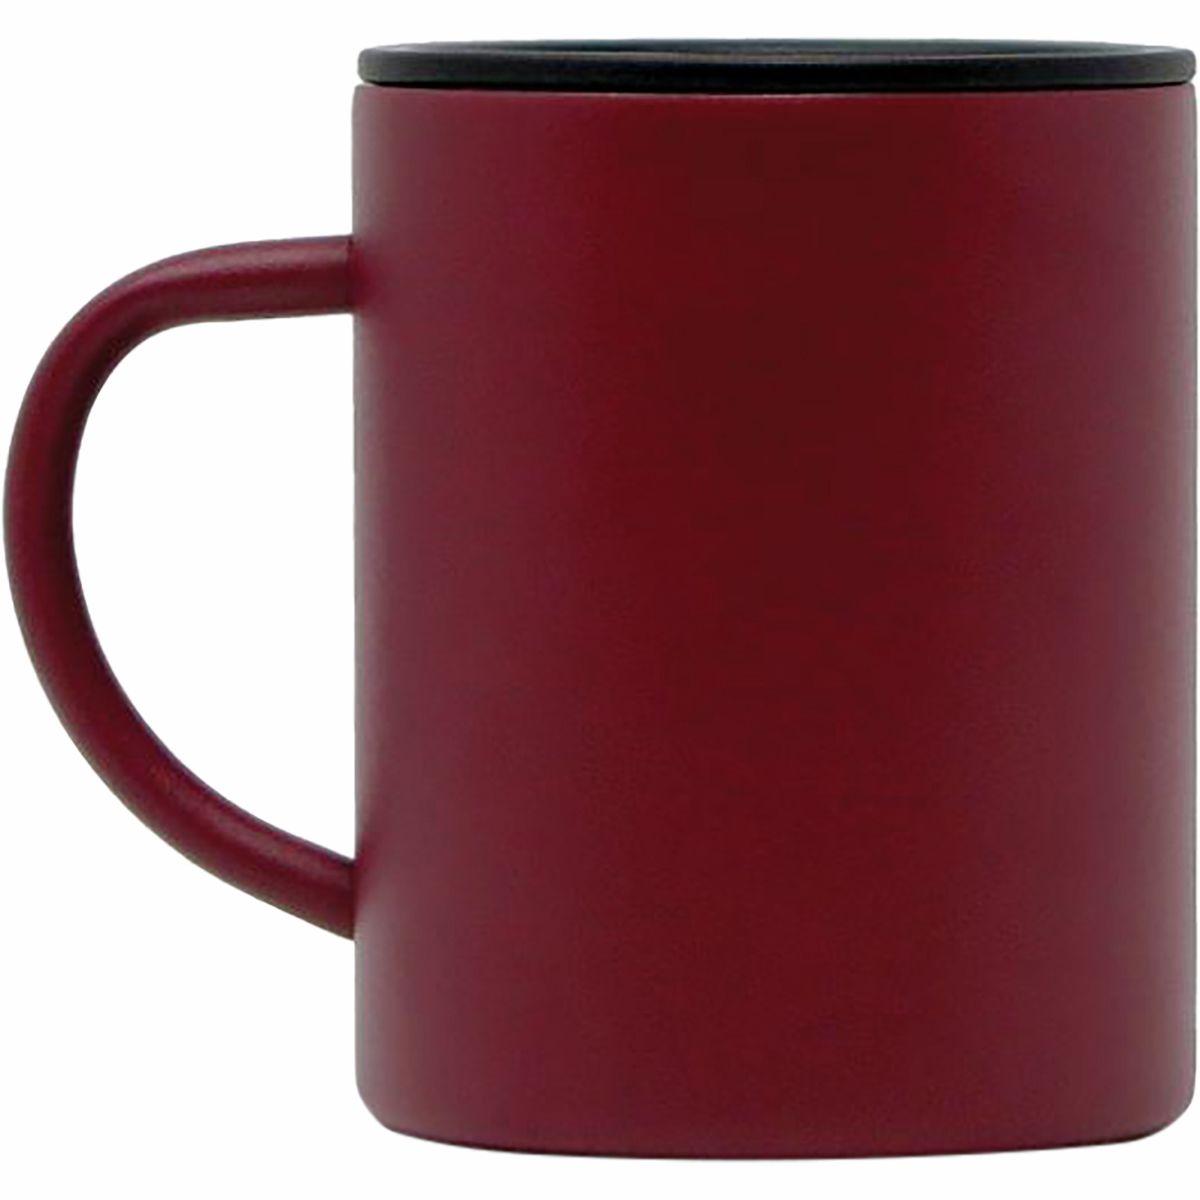 12 Ways to be a Responsible Traveler - Mizu Coffee Mug